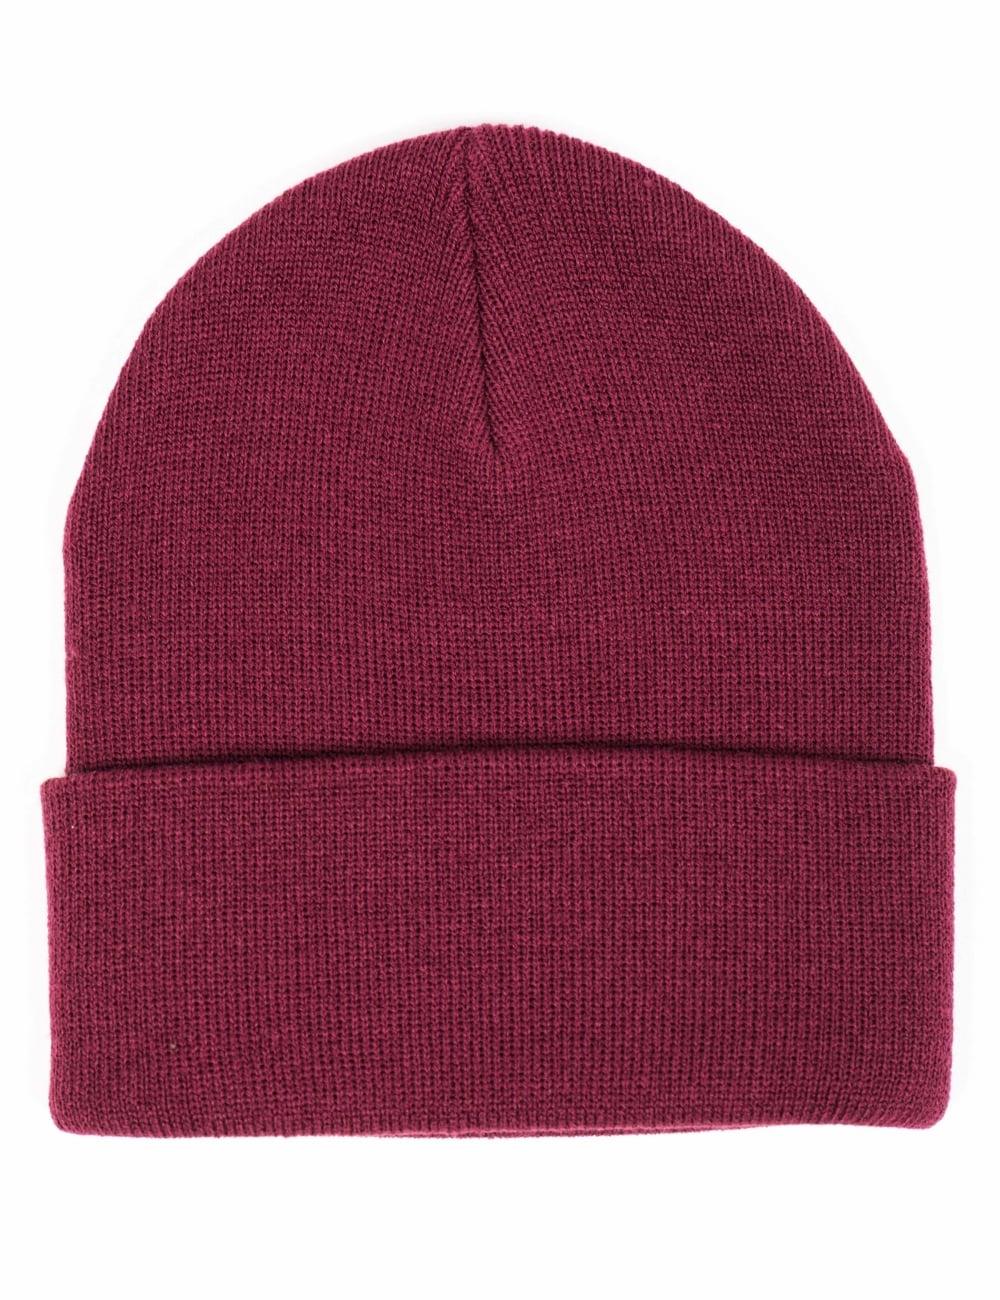 Bordeeaux Edwin Jeans Kurt Beanie Hat